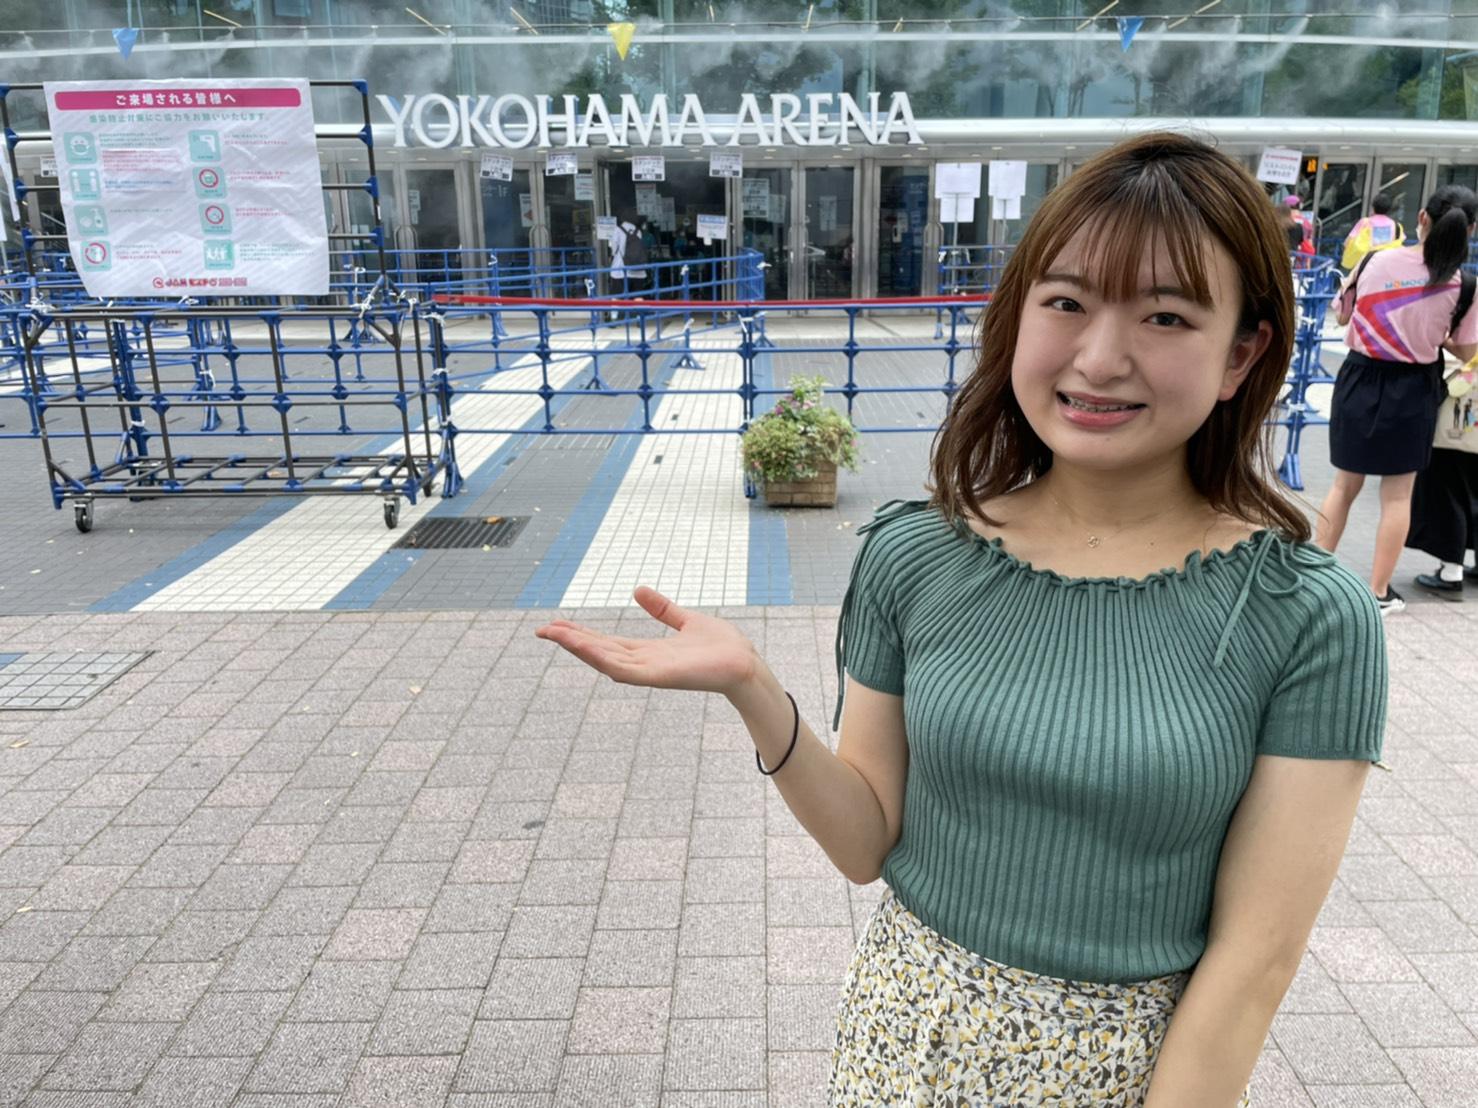 山内香味(東京女子大学)ACTRESS PRESS REPORTER IN 横浜アリーナ